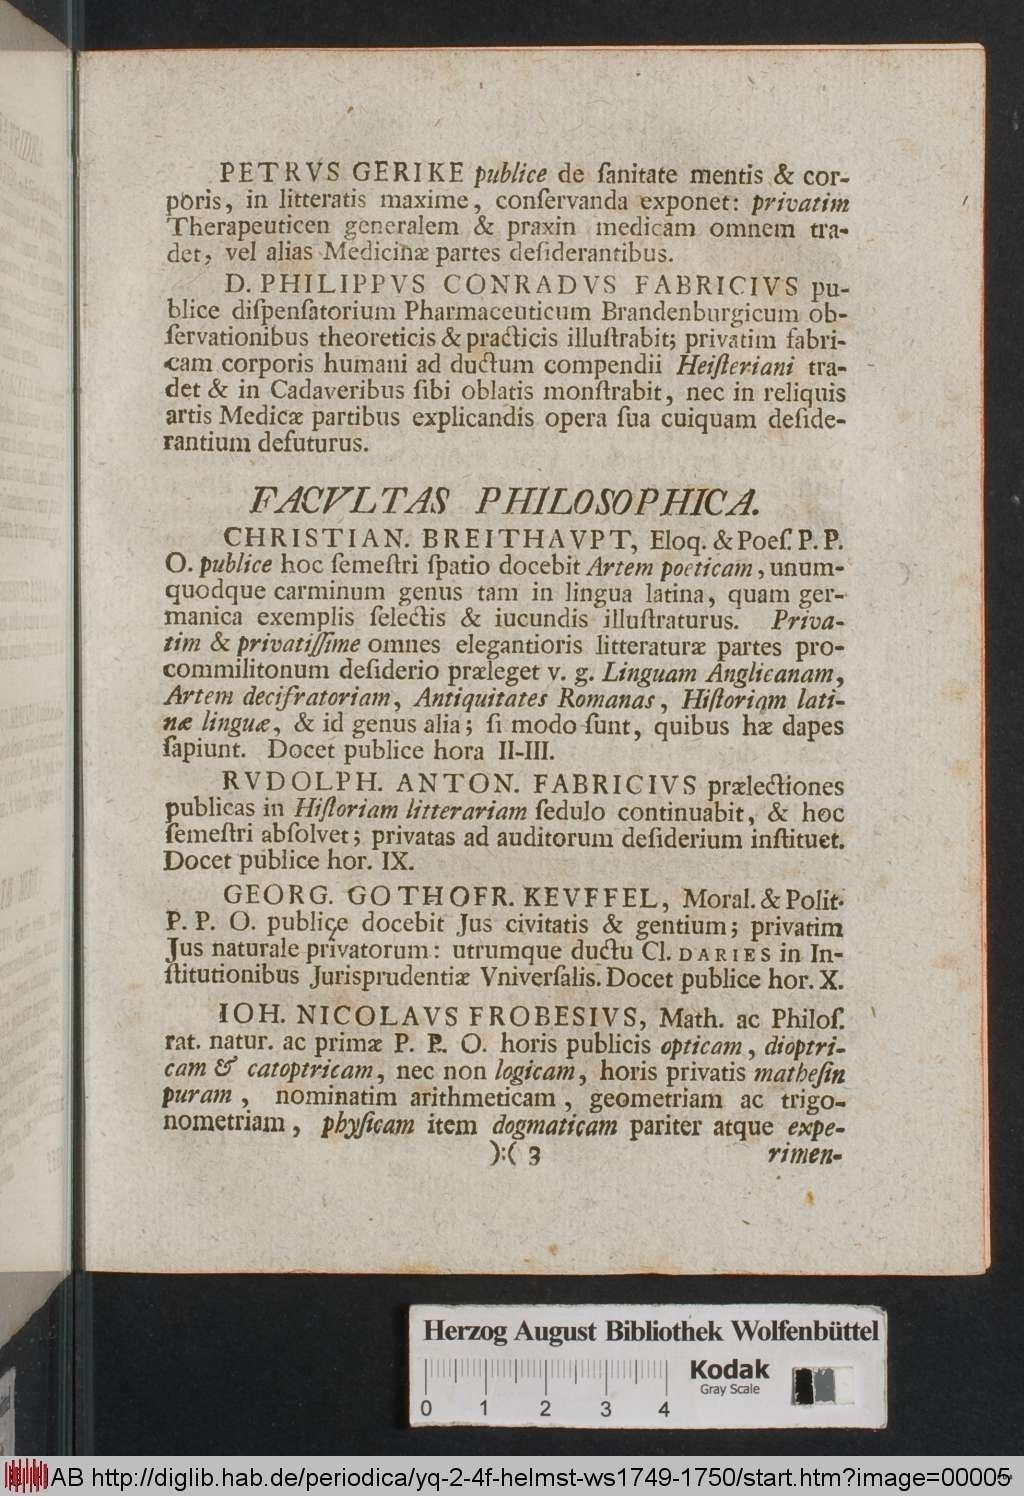 http://diglib.hab.de/periodica/yq-2-4f-helmst-ws1749-1750/00005.jpg